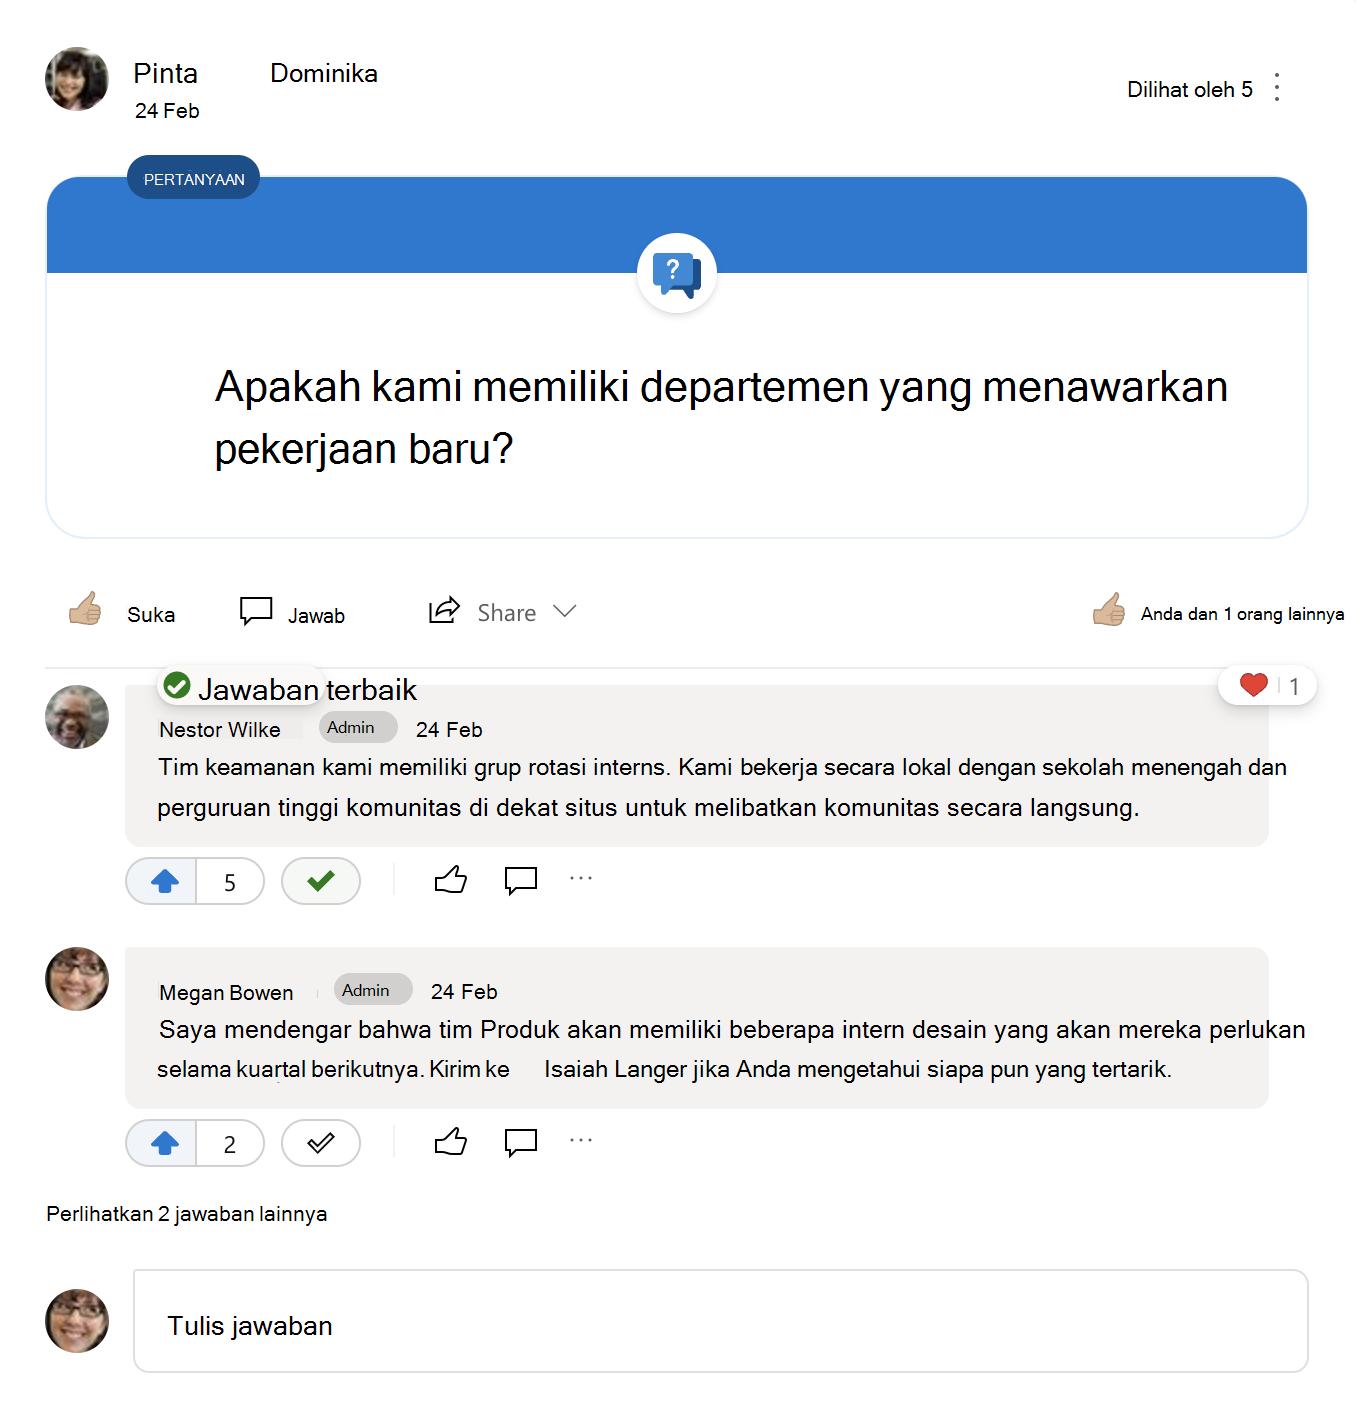 Jawaban terbaik untuk pertanyaan Yammer